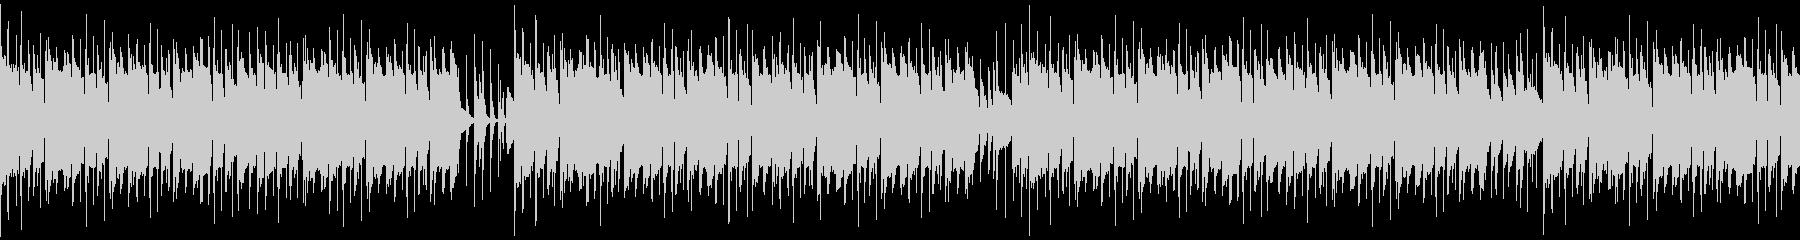 ドラムとウッドベースのファンキージャズの未再生の波形